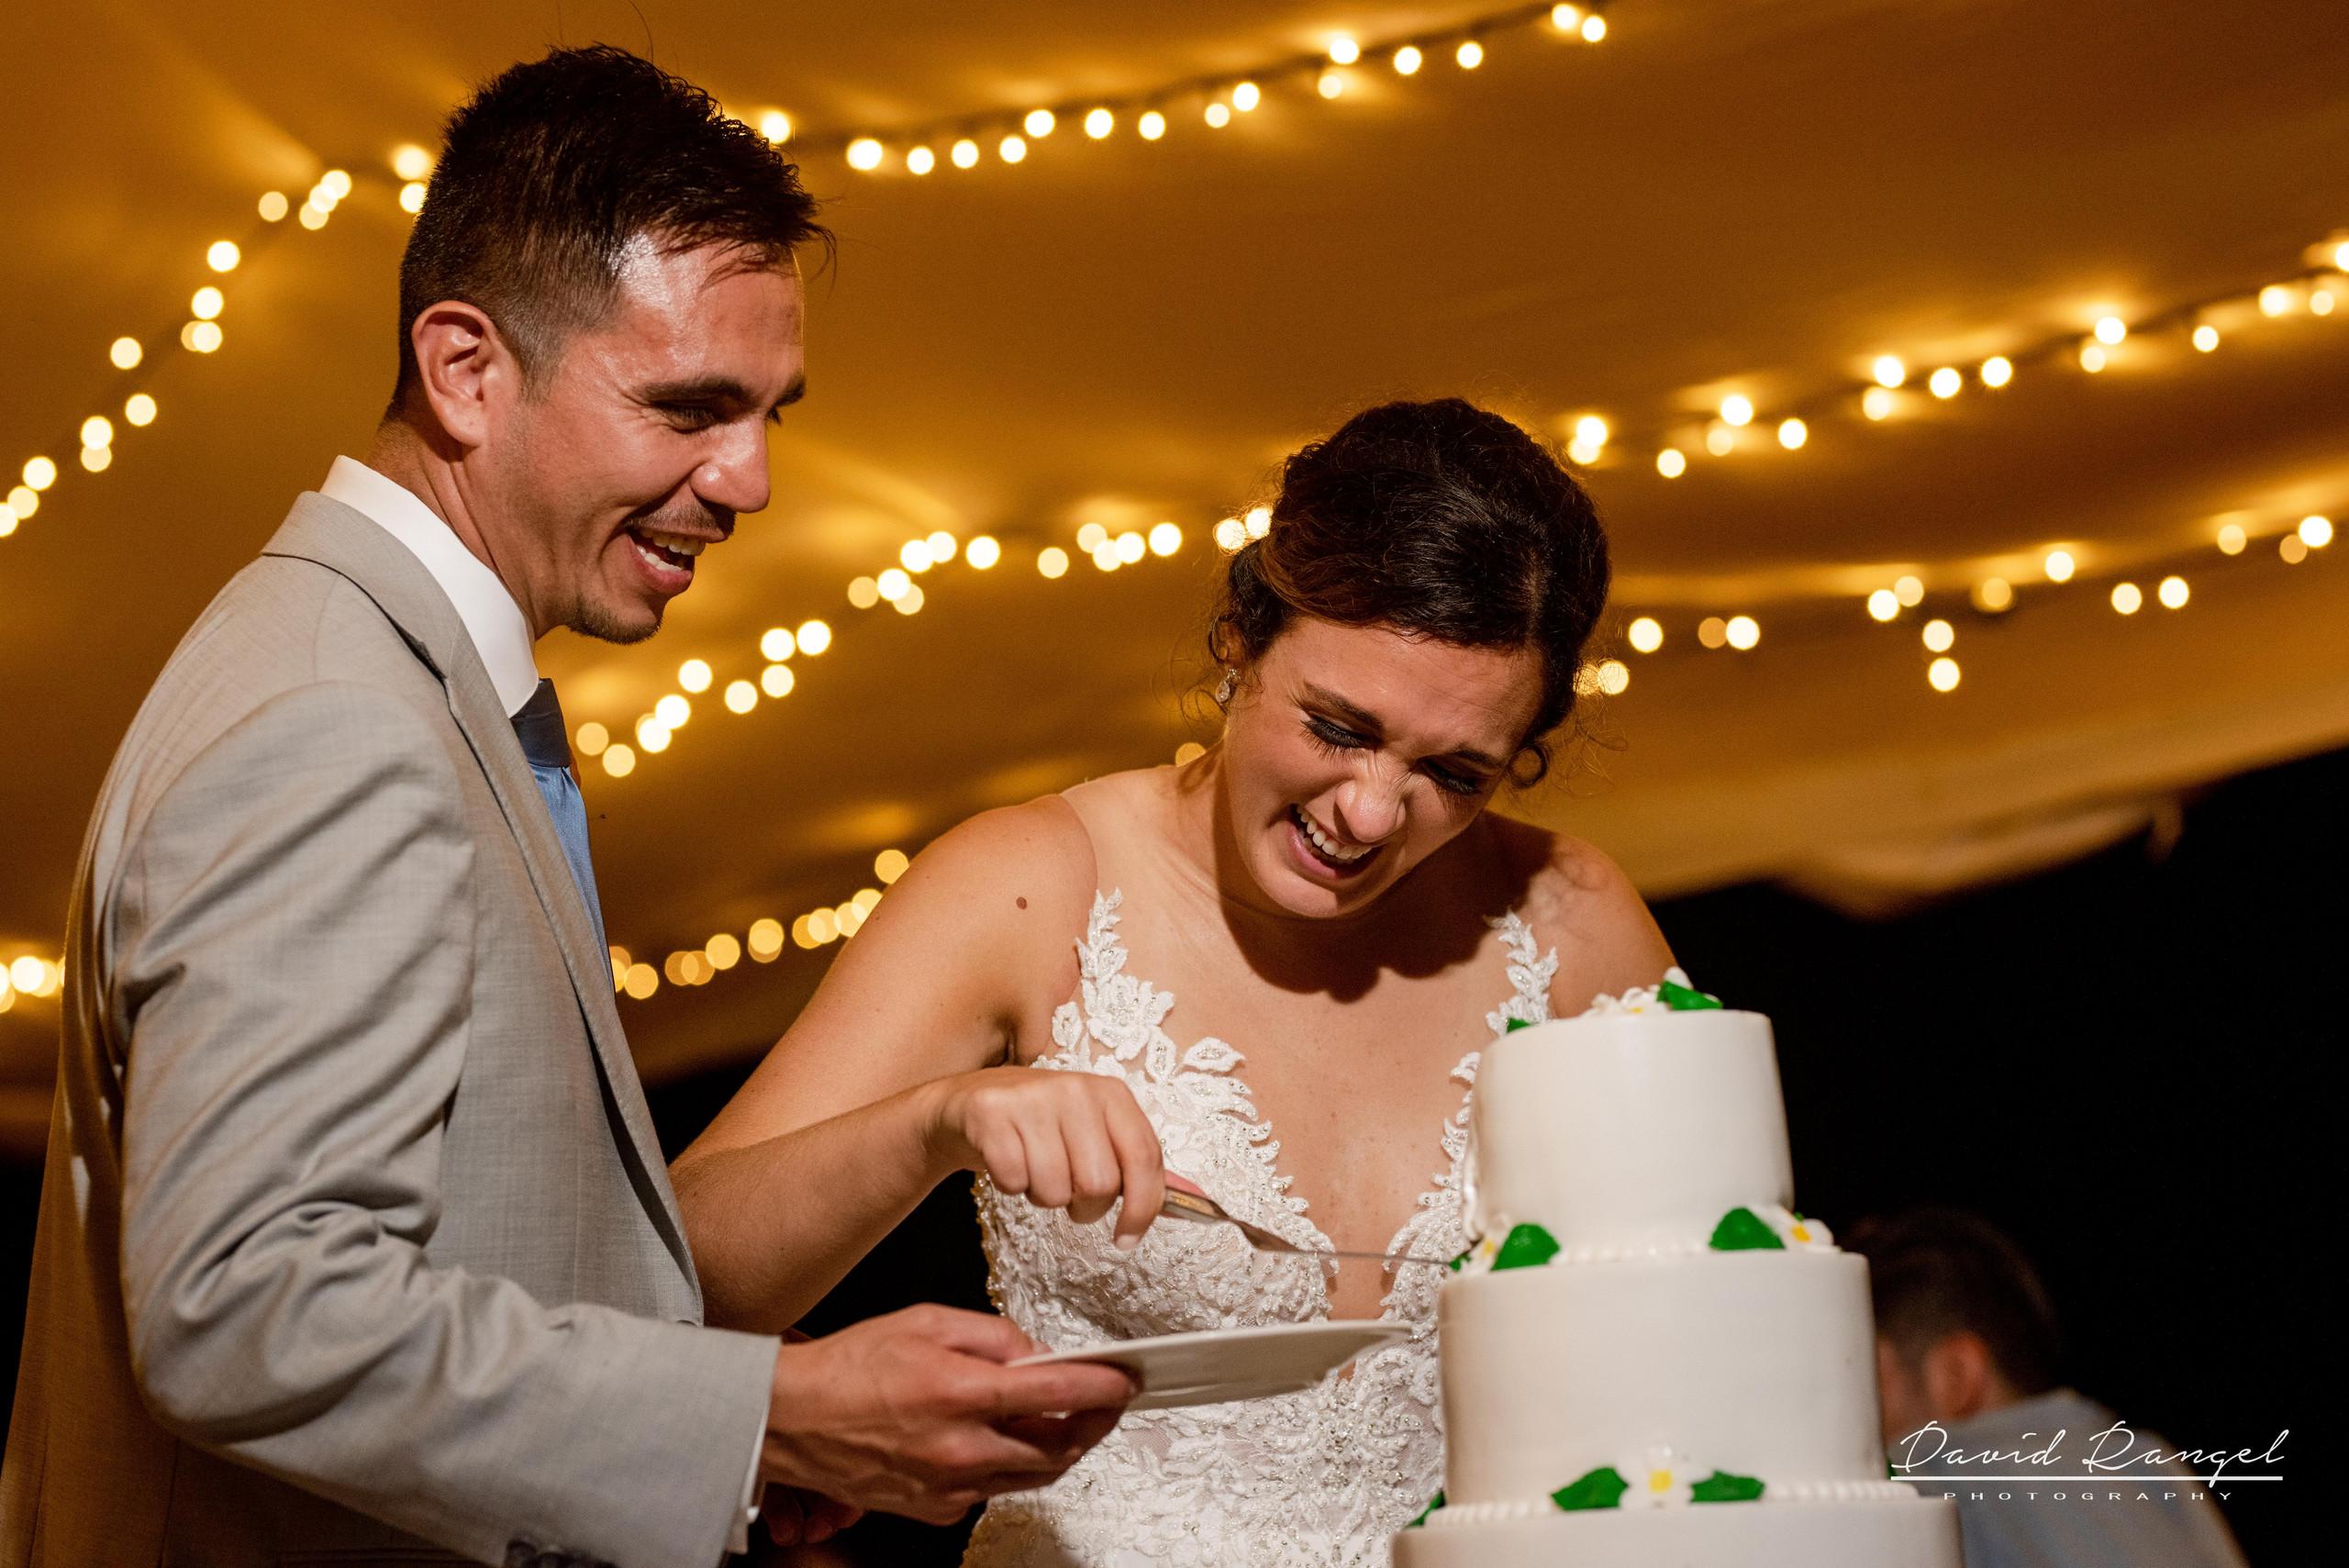 cake+cutting+bride+groom+reception